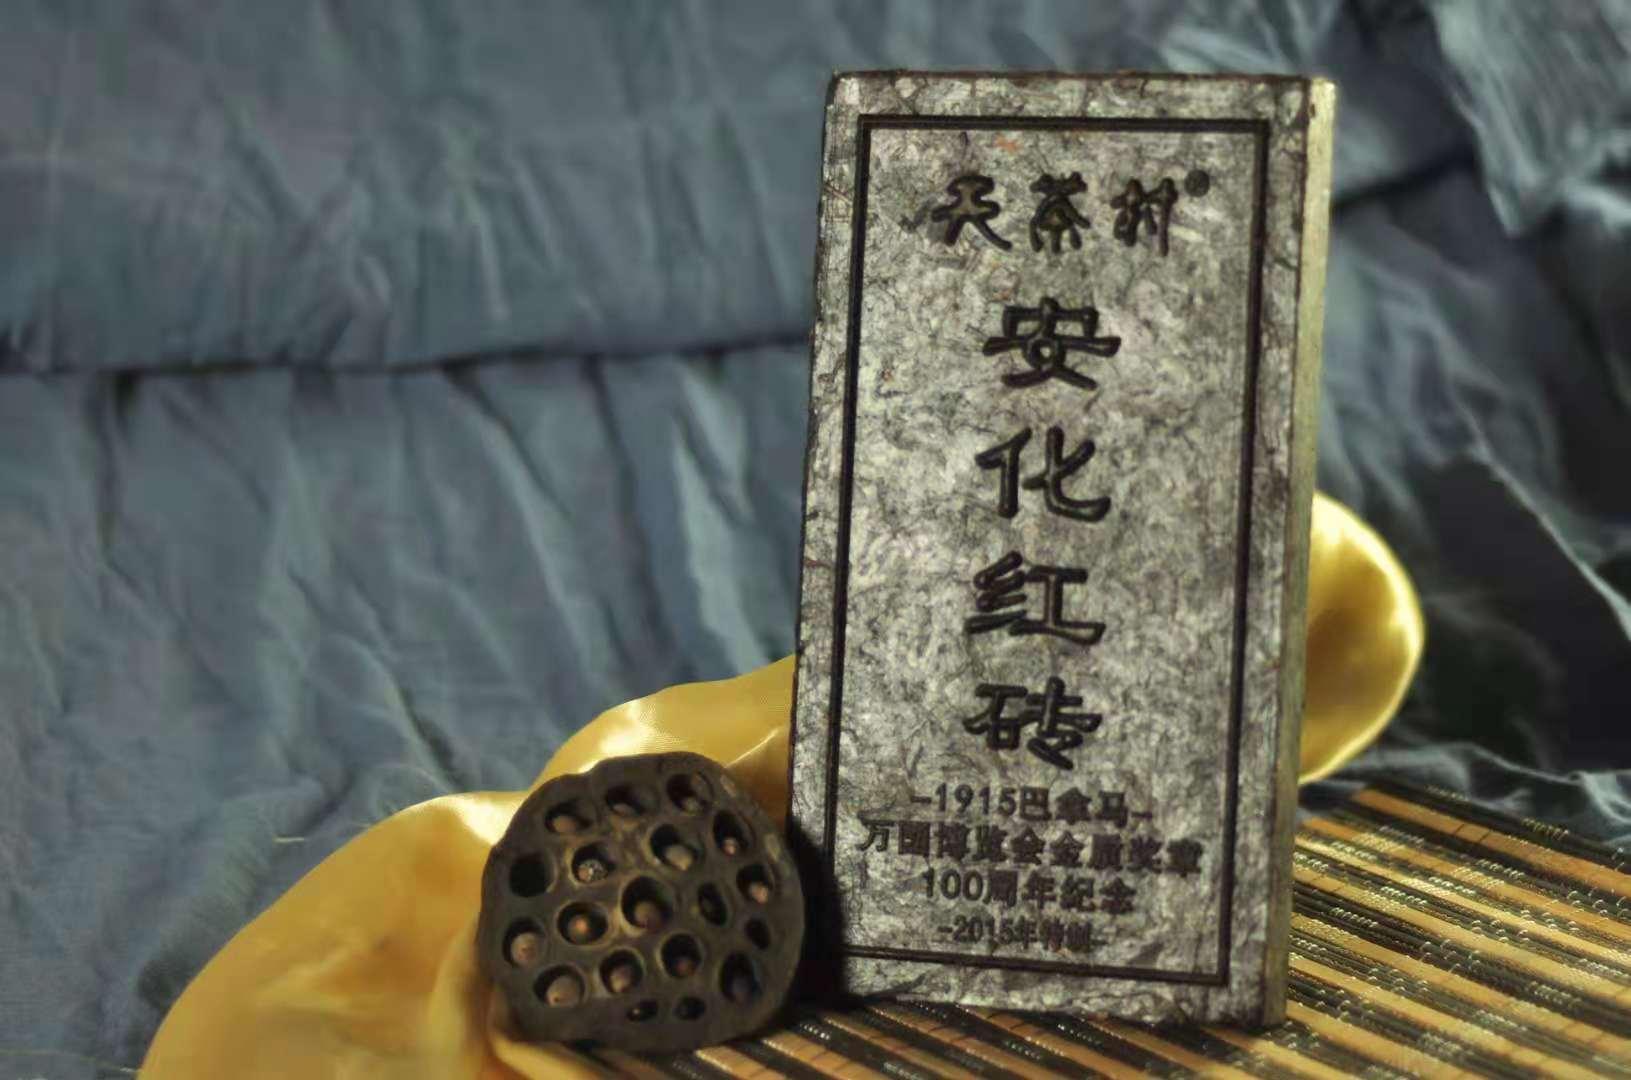 安化红砖(烟溪红茶在1915巴拿马万国博览会获得金质奖章100周年纪念红砖,980g/块)